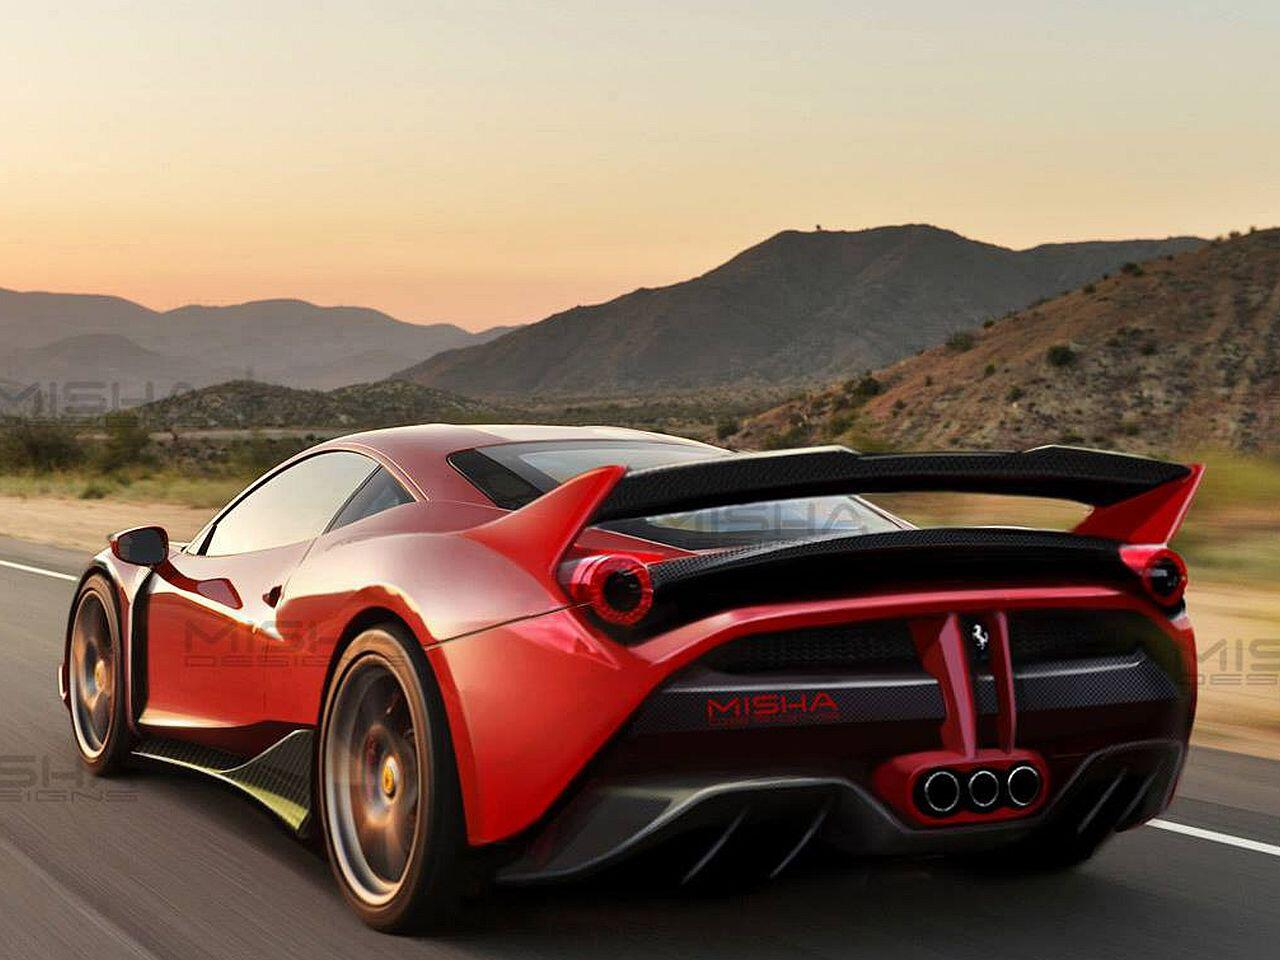 Bild zu Wilder Tuning-Bolide: Der Ferrari 458 von US-Tuner Misha Designs